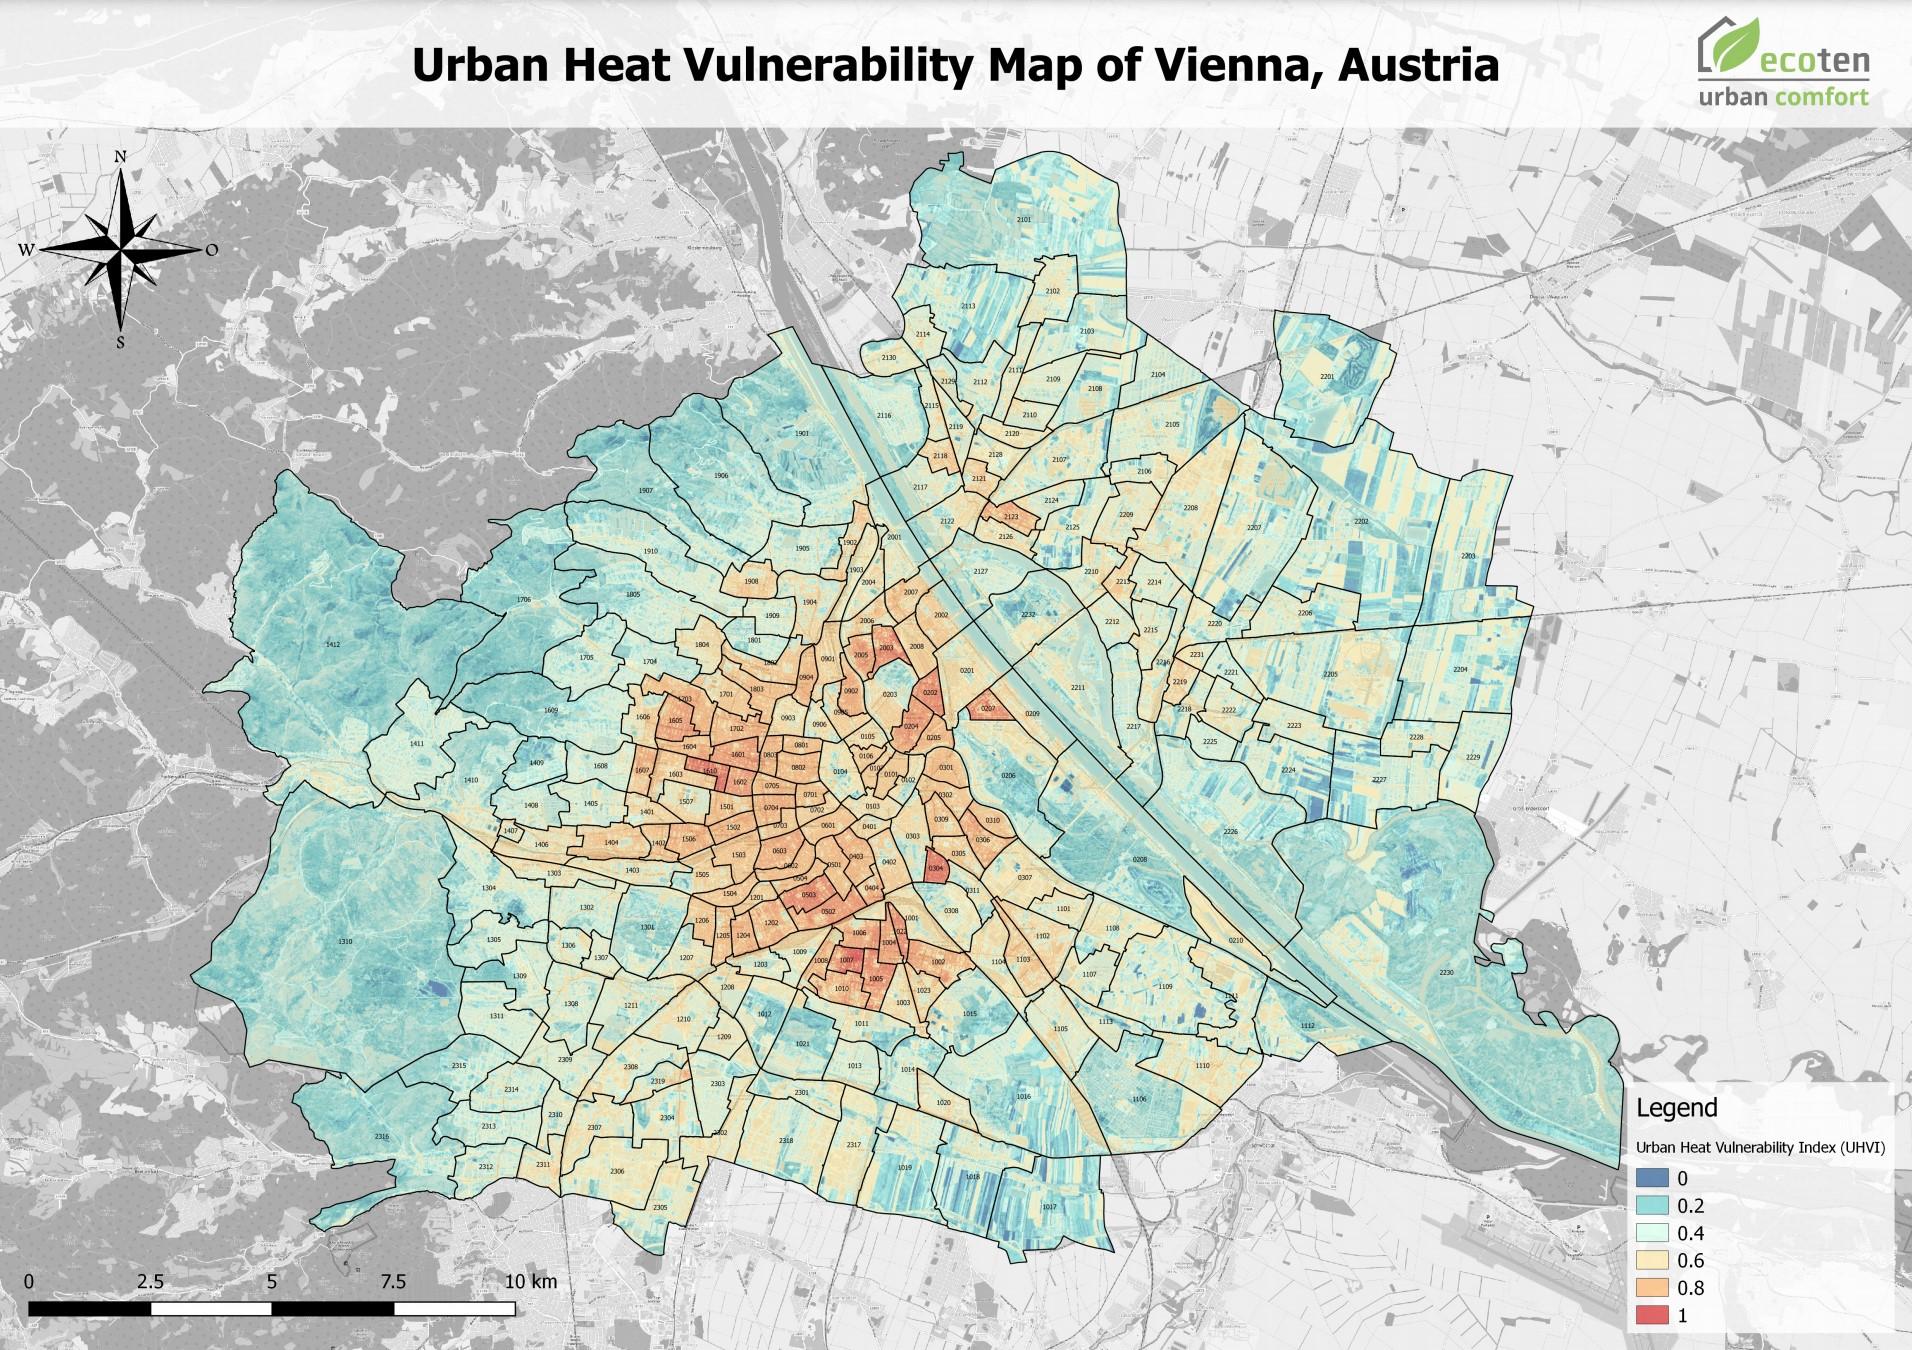 Eine Karte der Hitzeinseln in Wien. Die Innenbezirke sind deutlich stärker von extremer Hitze betroffen.